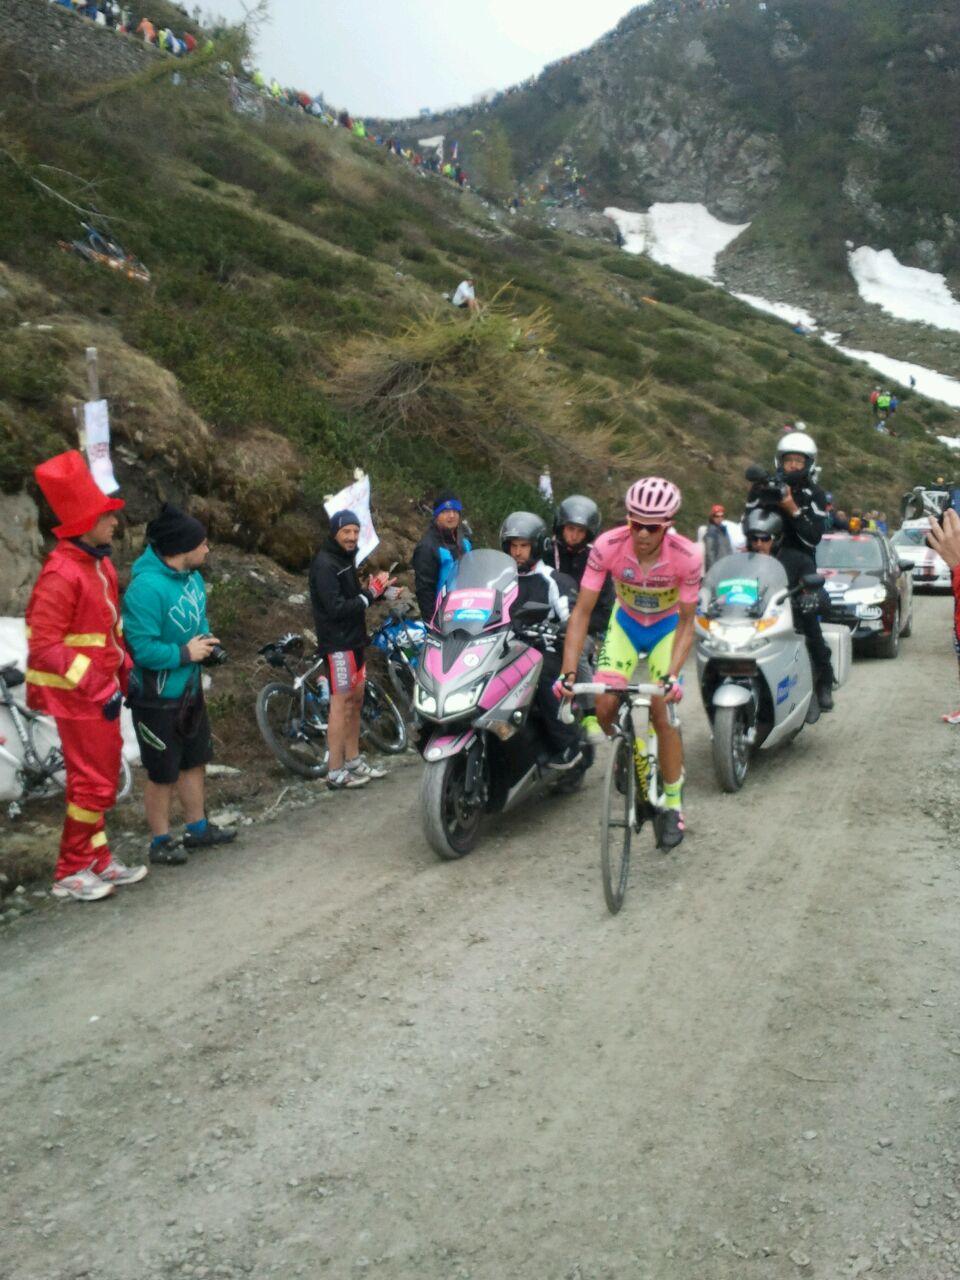 [Fotogallery] Il Giro d'Italia al Colle delle Finestre